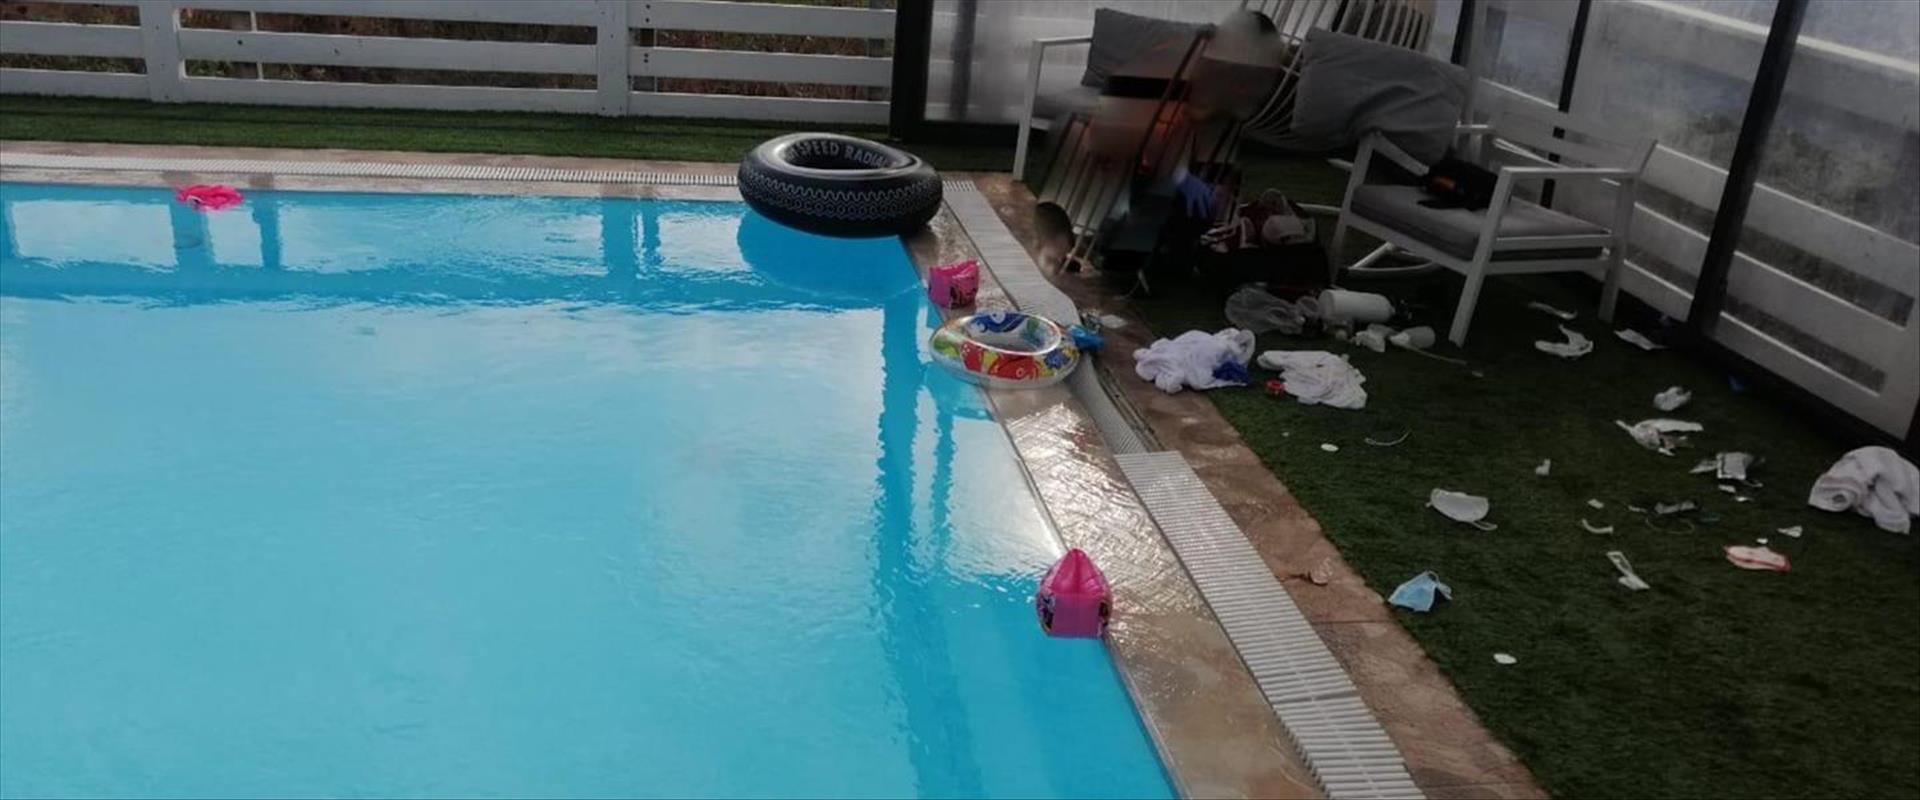 הבריכה בצימר